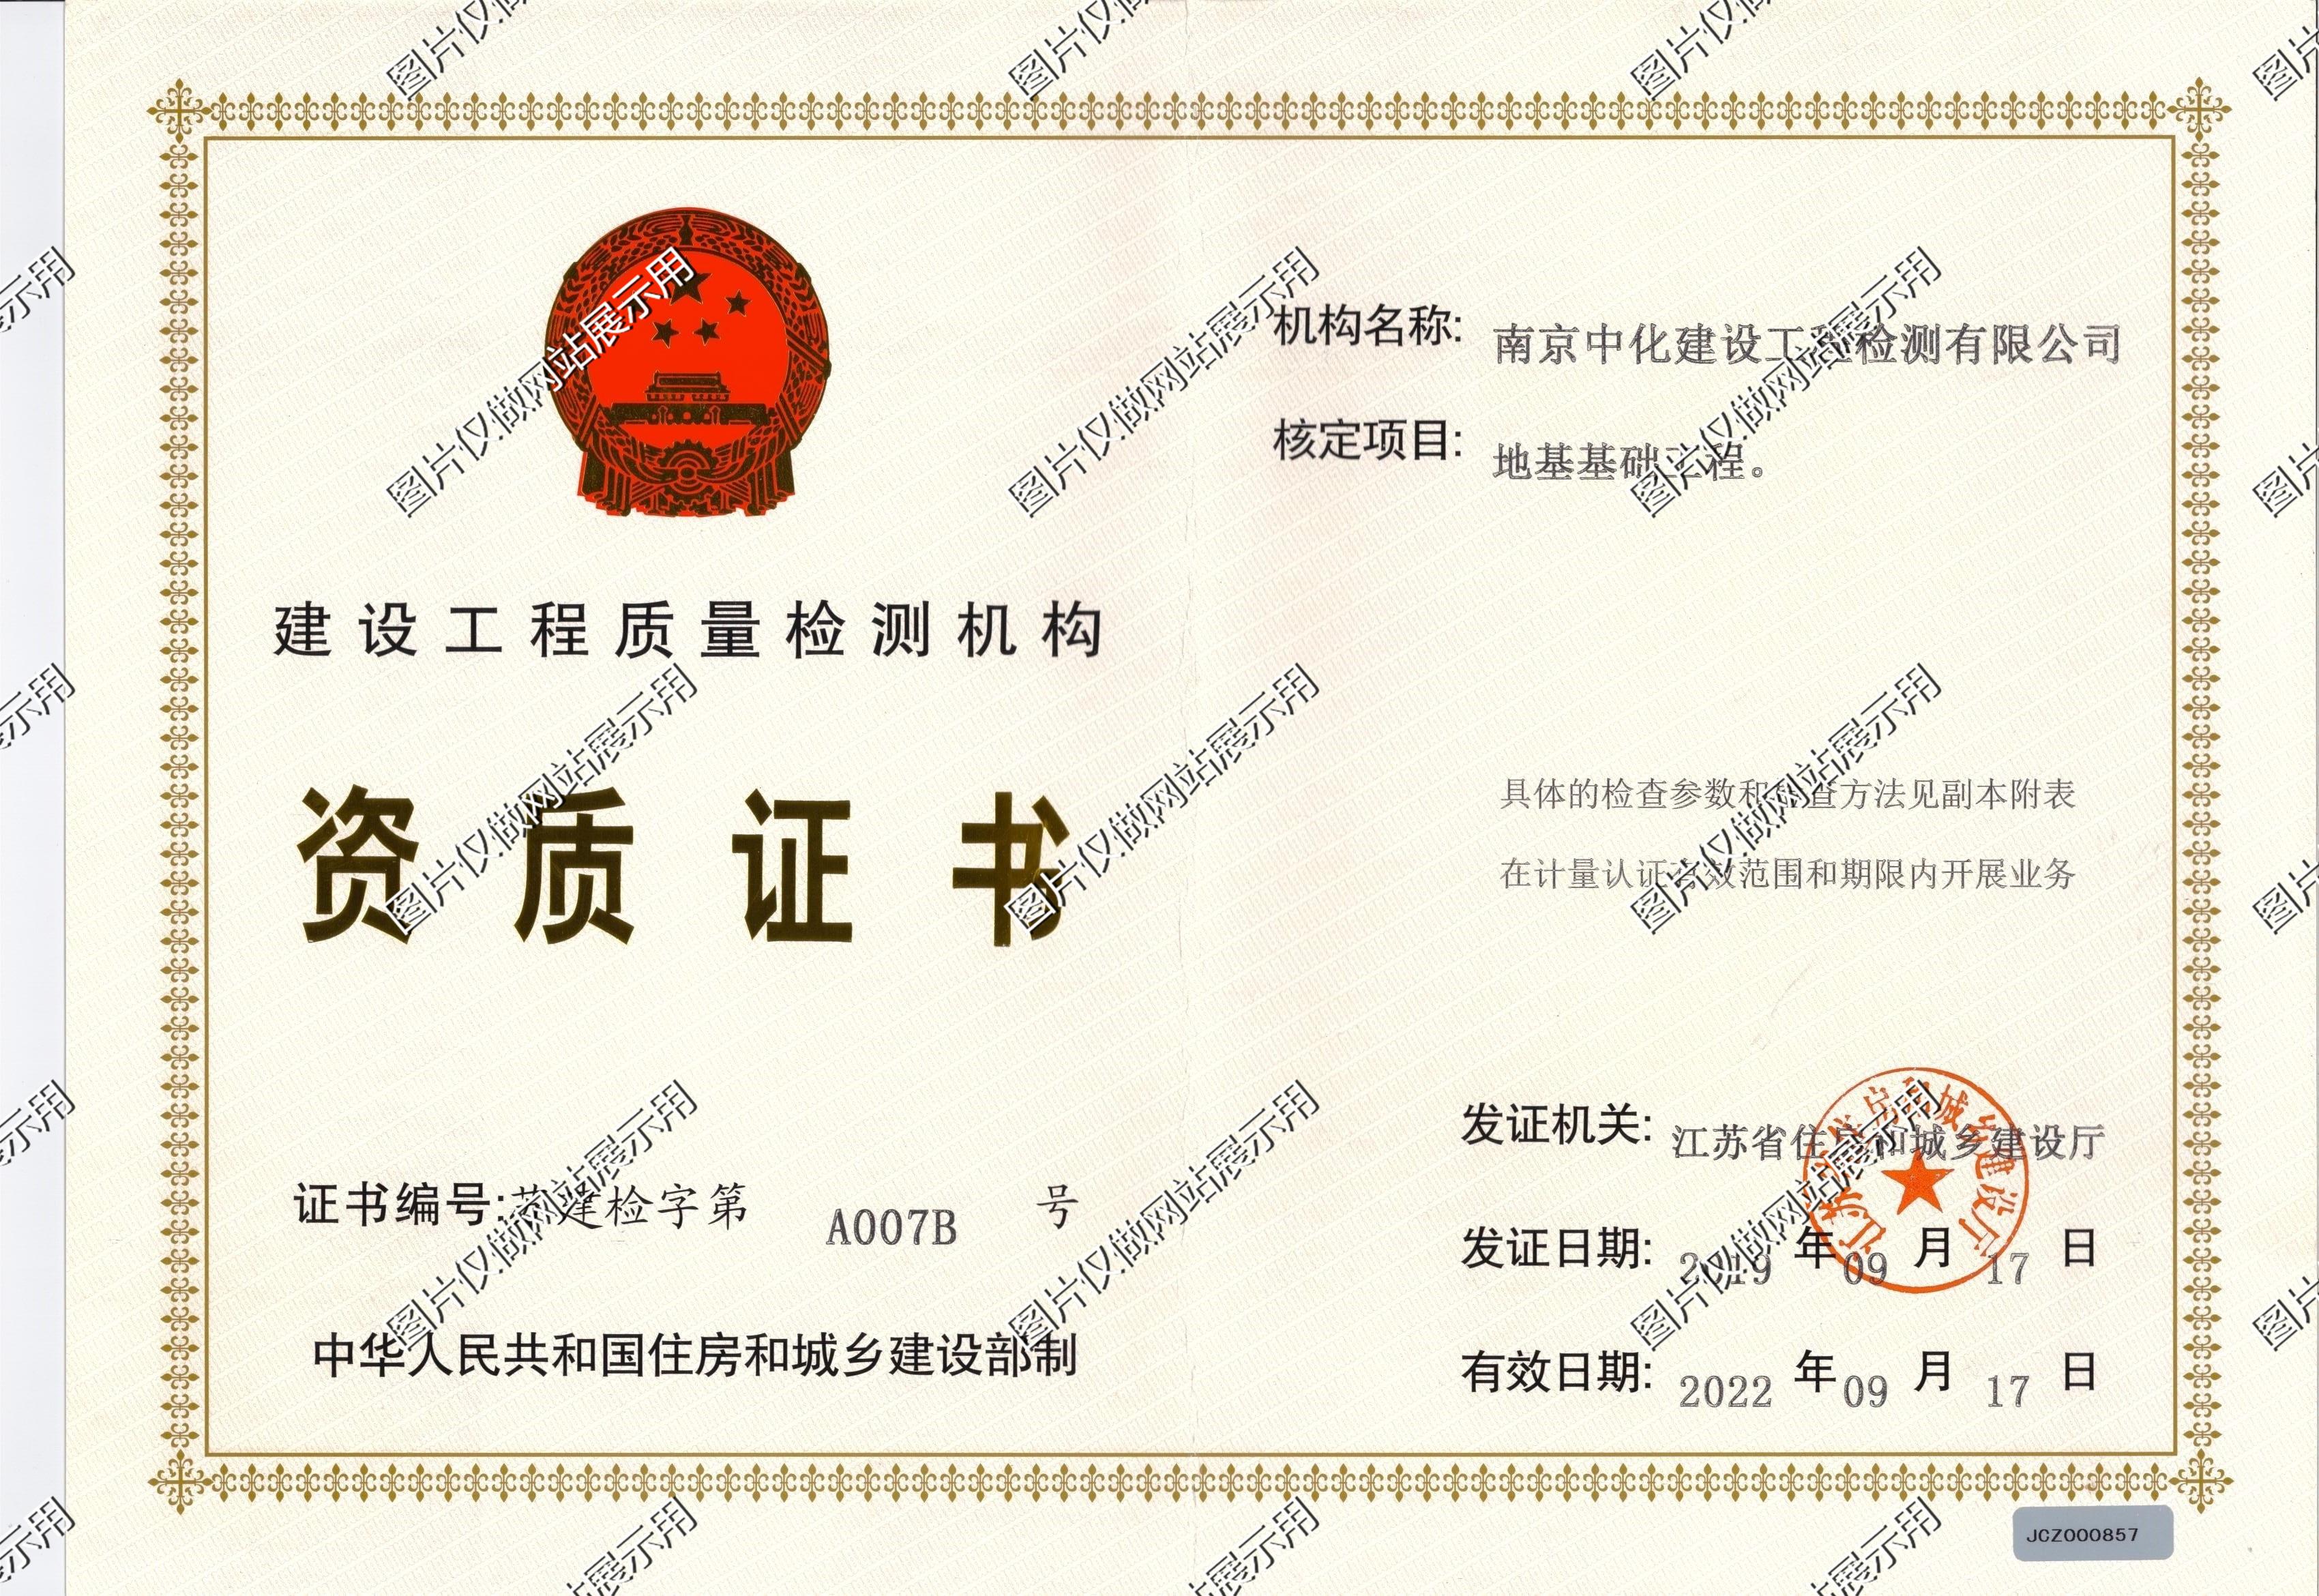 0-检测资质证书正本